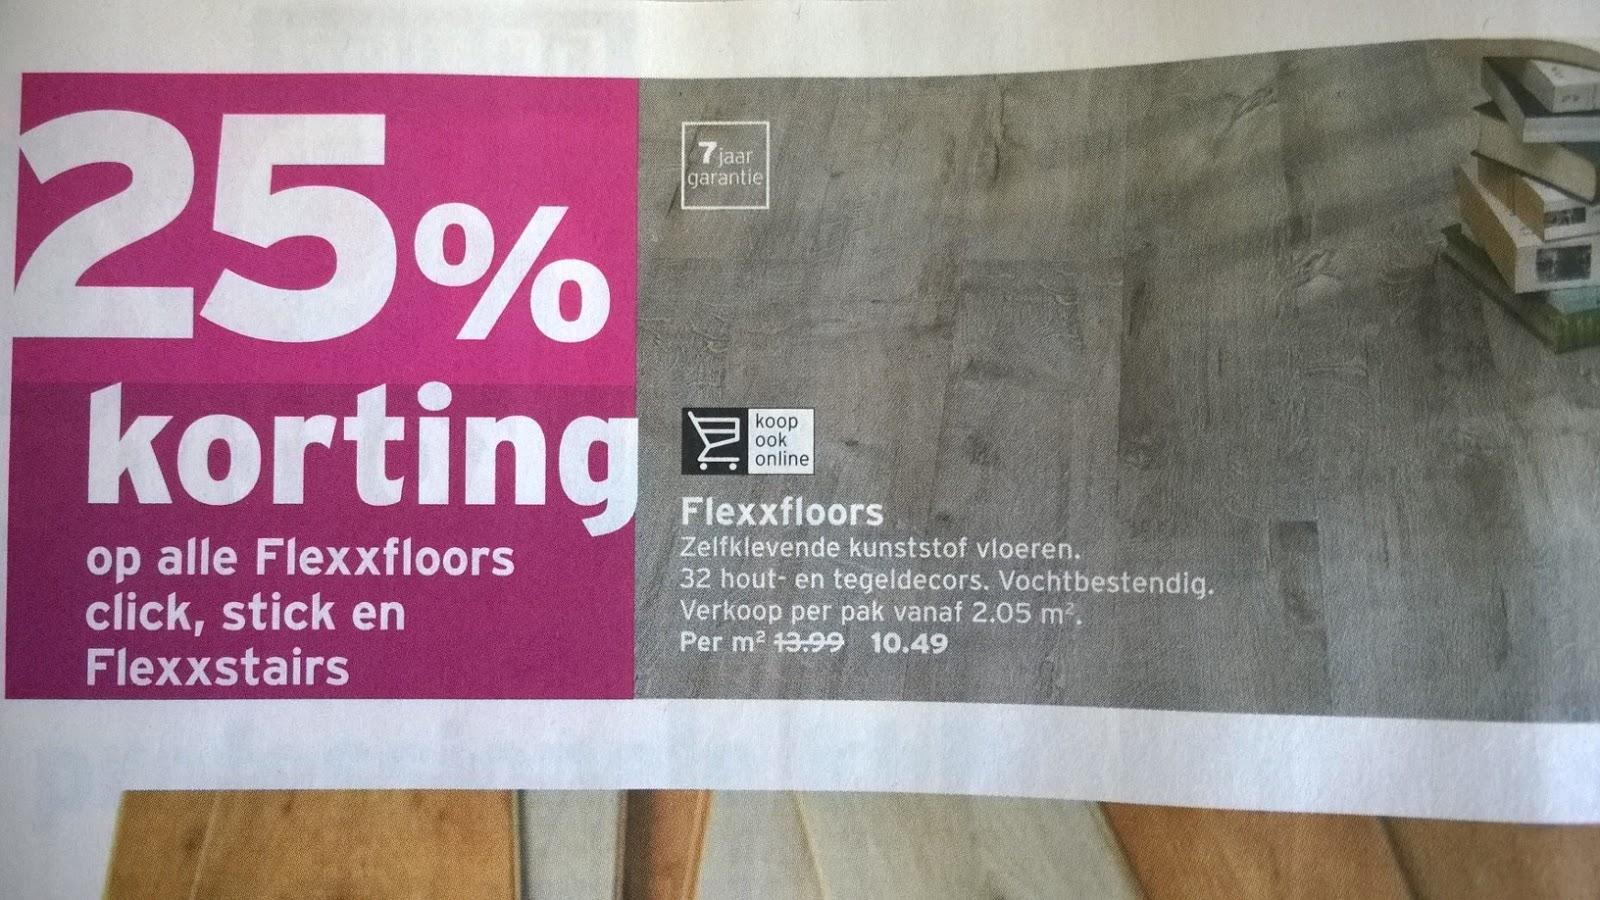 Pvc Vloeren Goedkoop : Goedkope vinyl vloer vinyl u pvc vloeren leggen u cde pvc vloeren